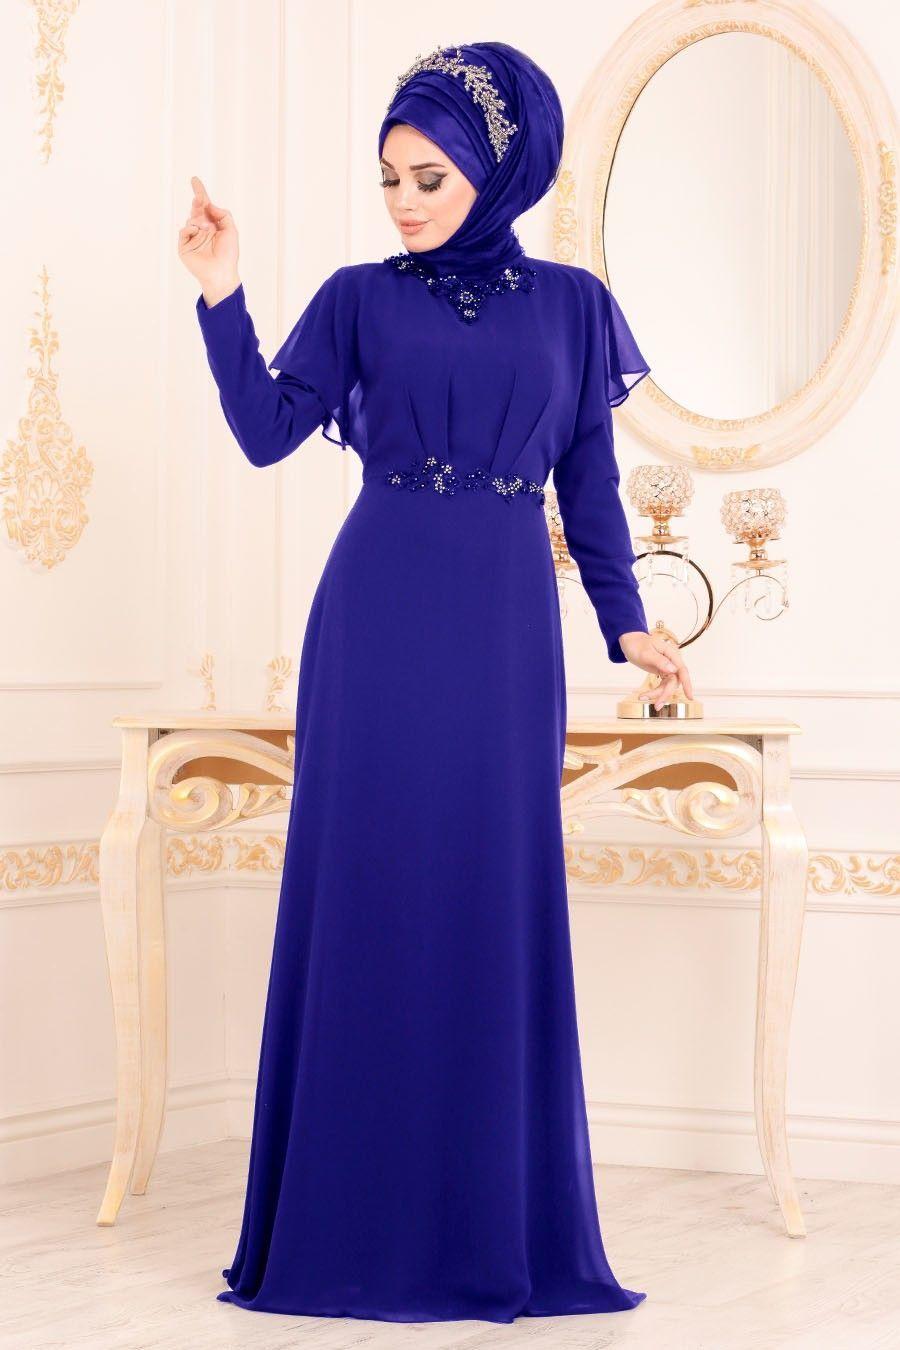 Tesetturlu Abiye Elbiseler Yarasa Kol Sax Mavisi Tesettur Abiye Elbise 3784 Tesettur Abiye Modelleri 202 Muslimische Frauen Mode Muslimische Frauen Abendkleid